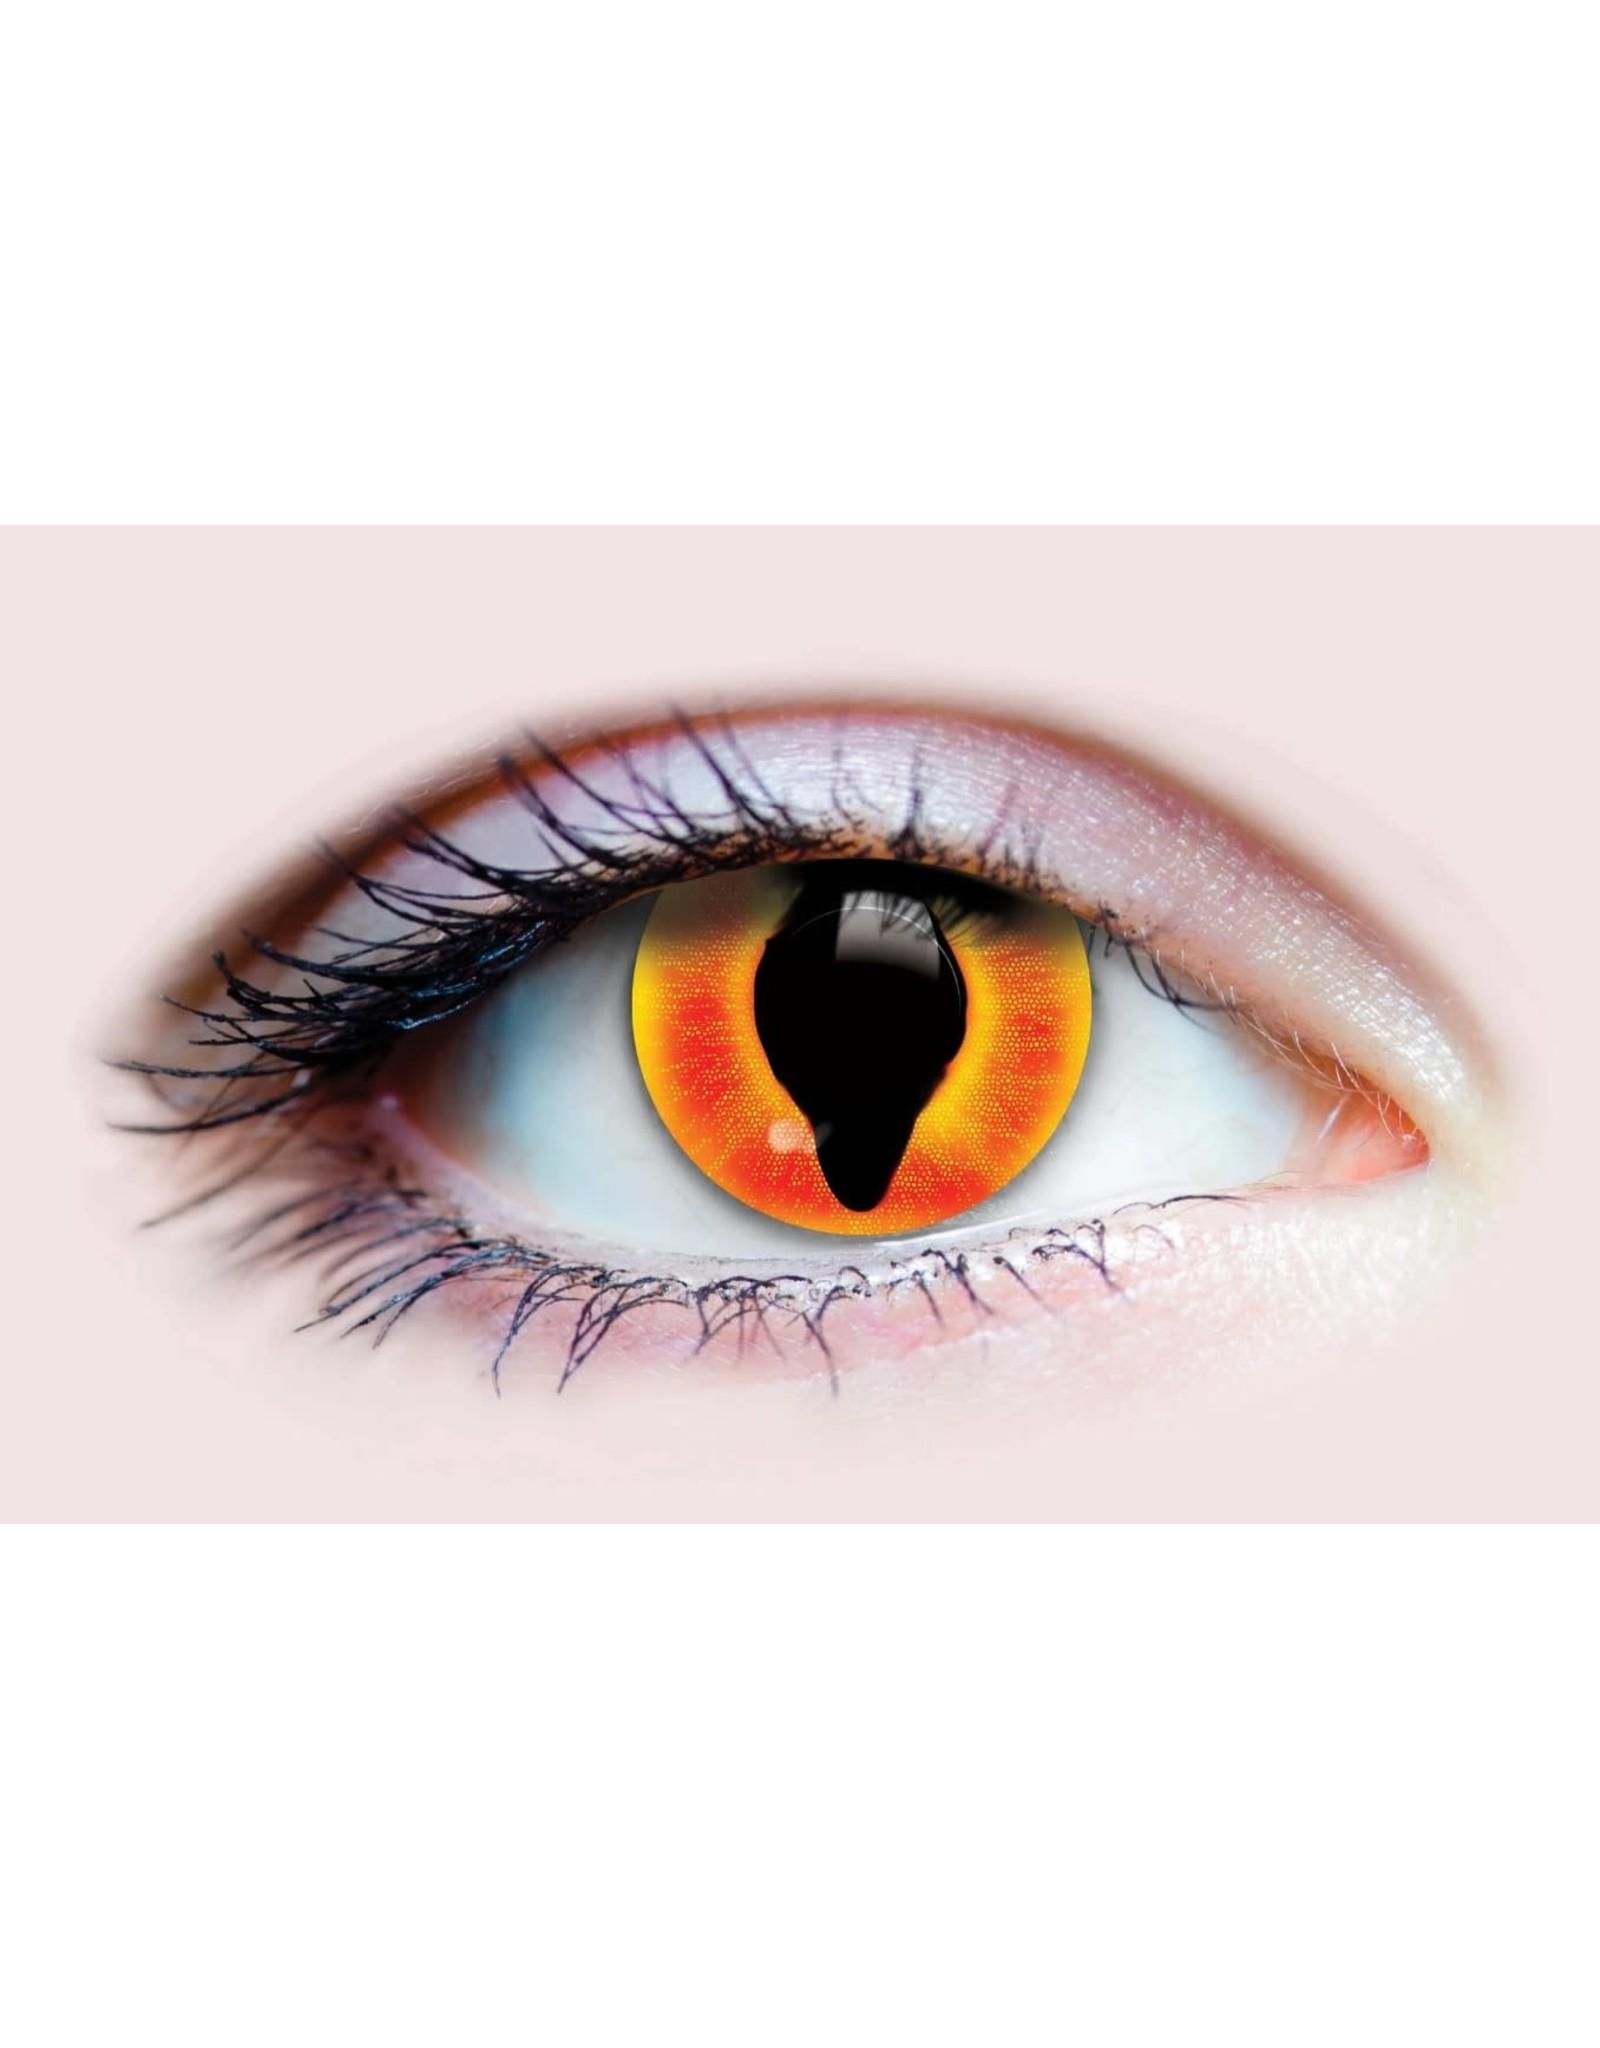 Primal Costume Contact Lenses - Diablo